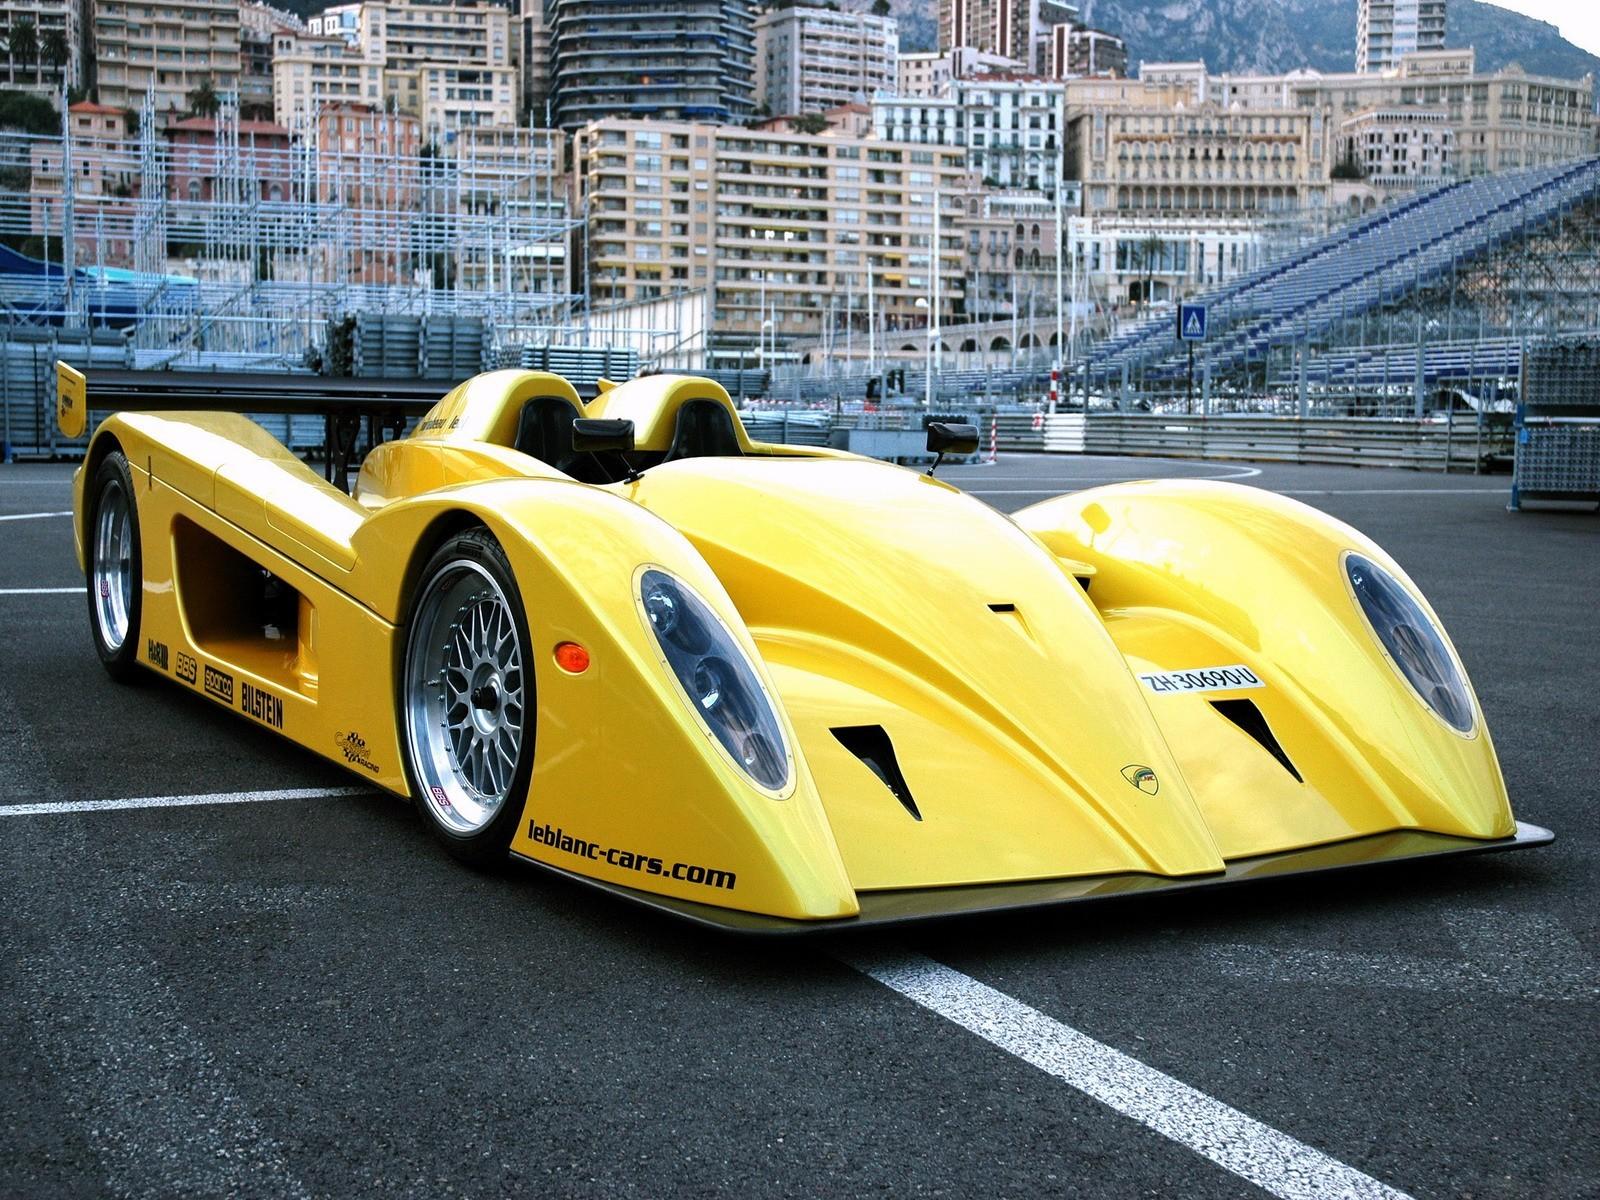 Название самых крутых машин и картинки